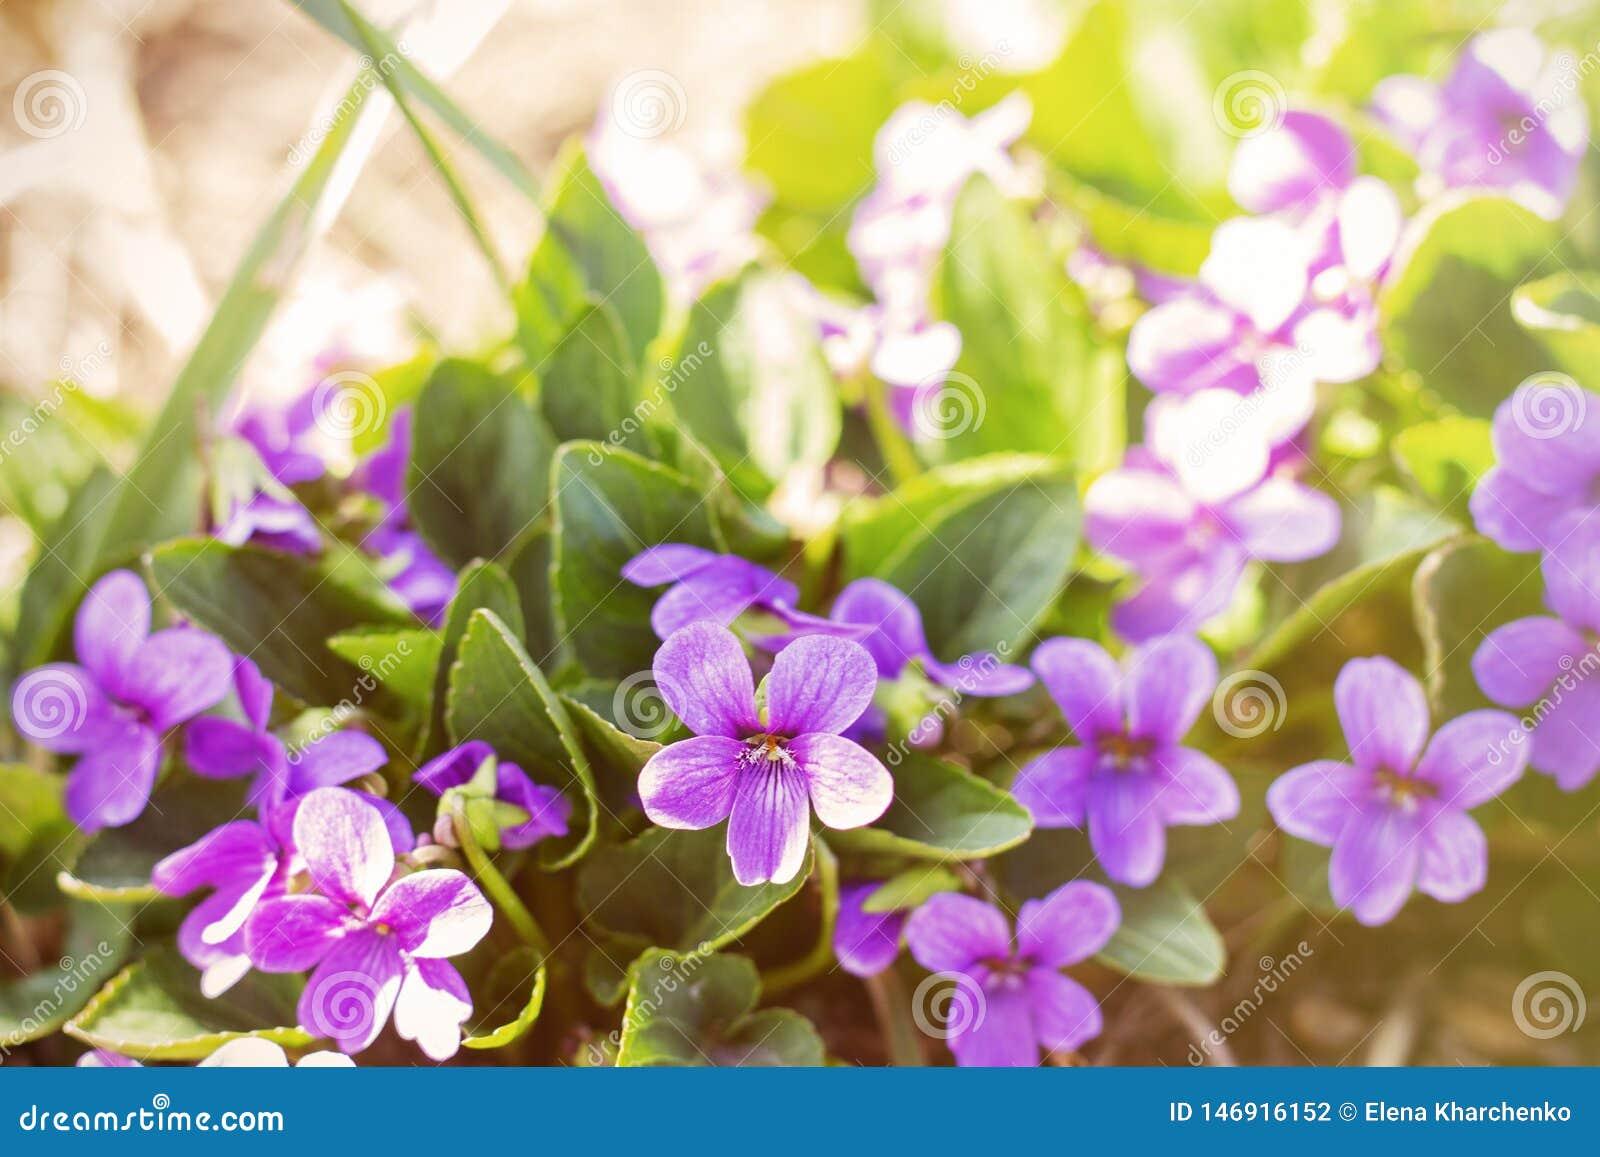 De lentebloei de eerste bloemen kleine purpere bloemen